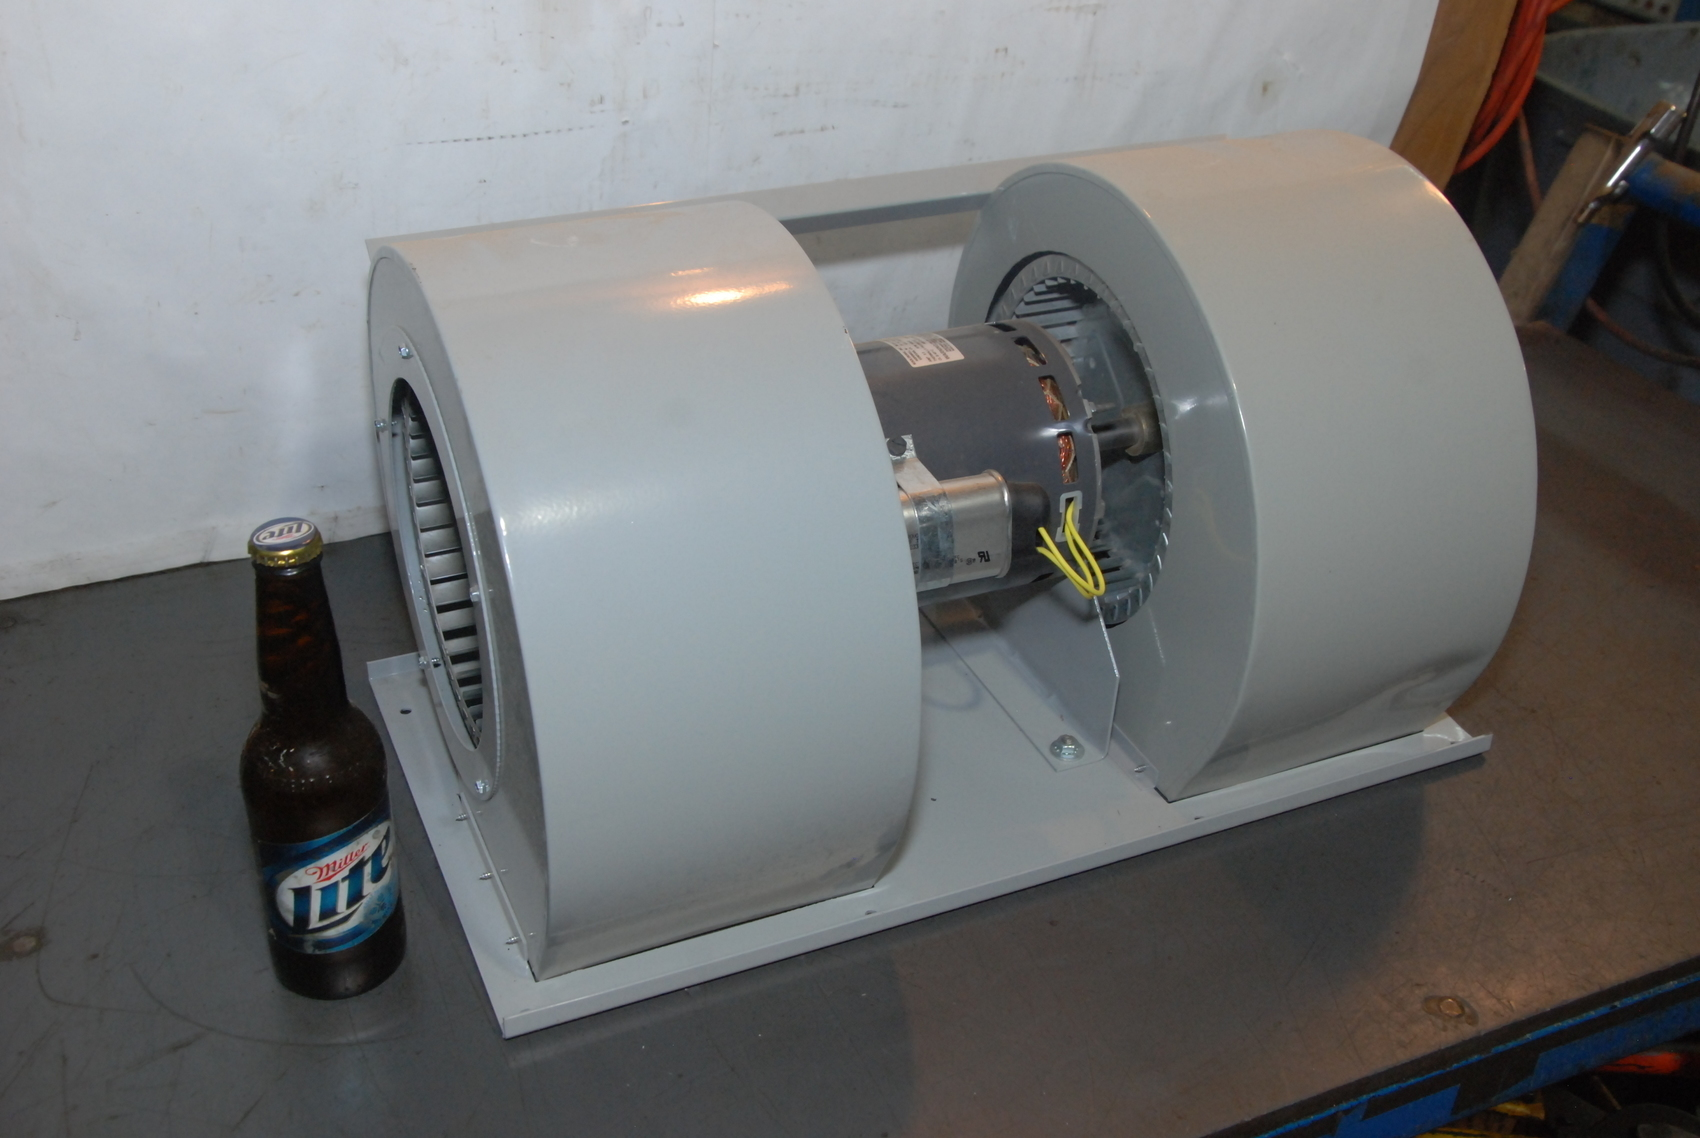 KOOLTRONIC Dual Fan Blower Model K55HXHLJ-2298,50/60HZ,208/230V